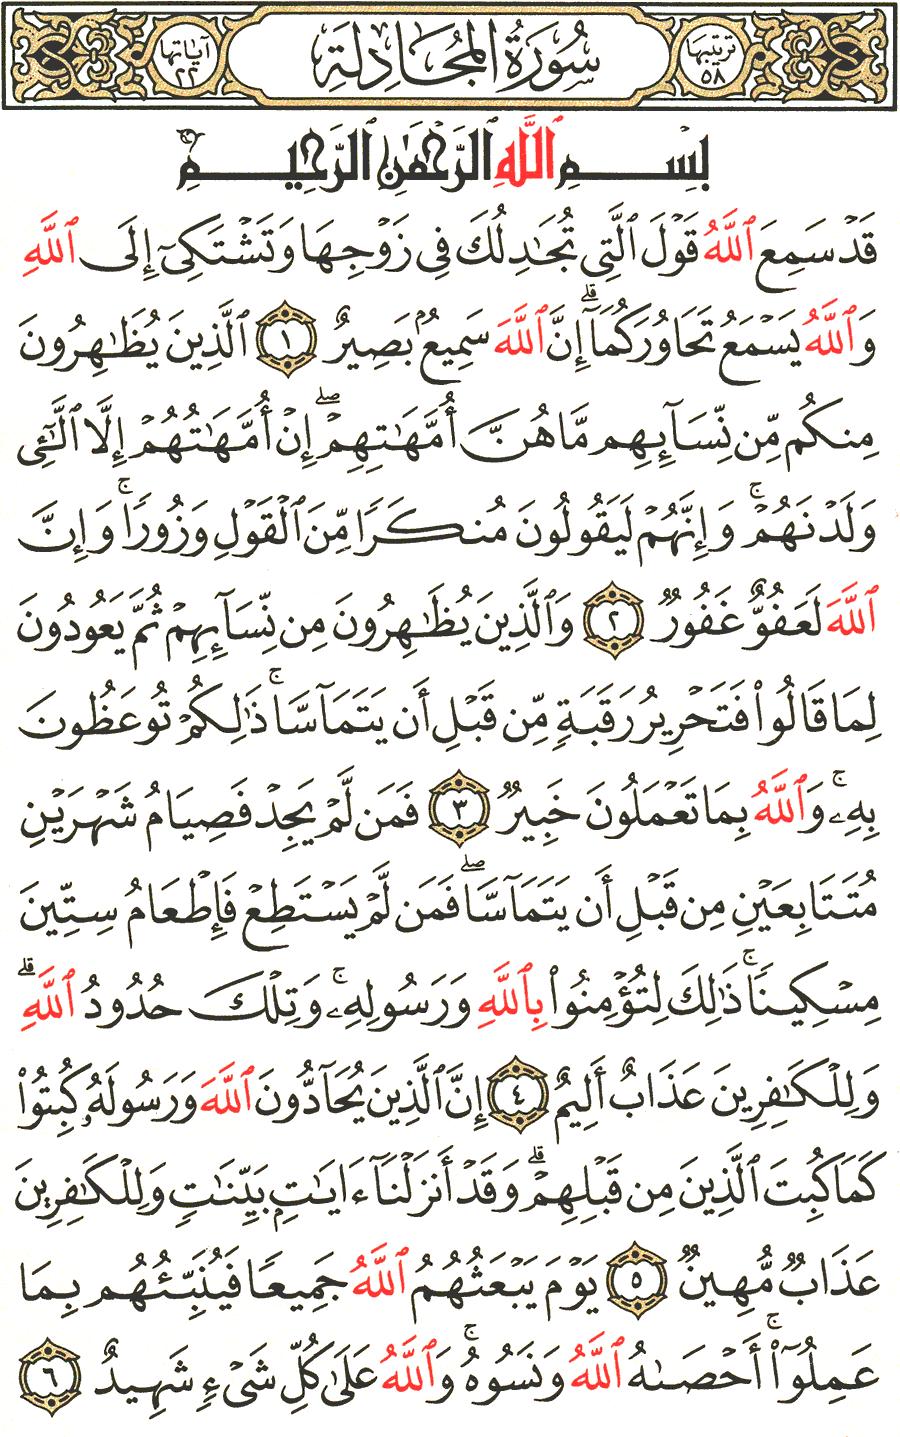 الصفحة رقم 542 من القرآن الكريم مكتوبة من المصحف